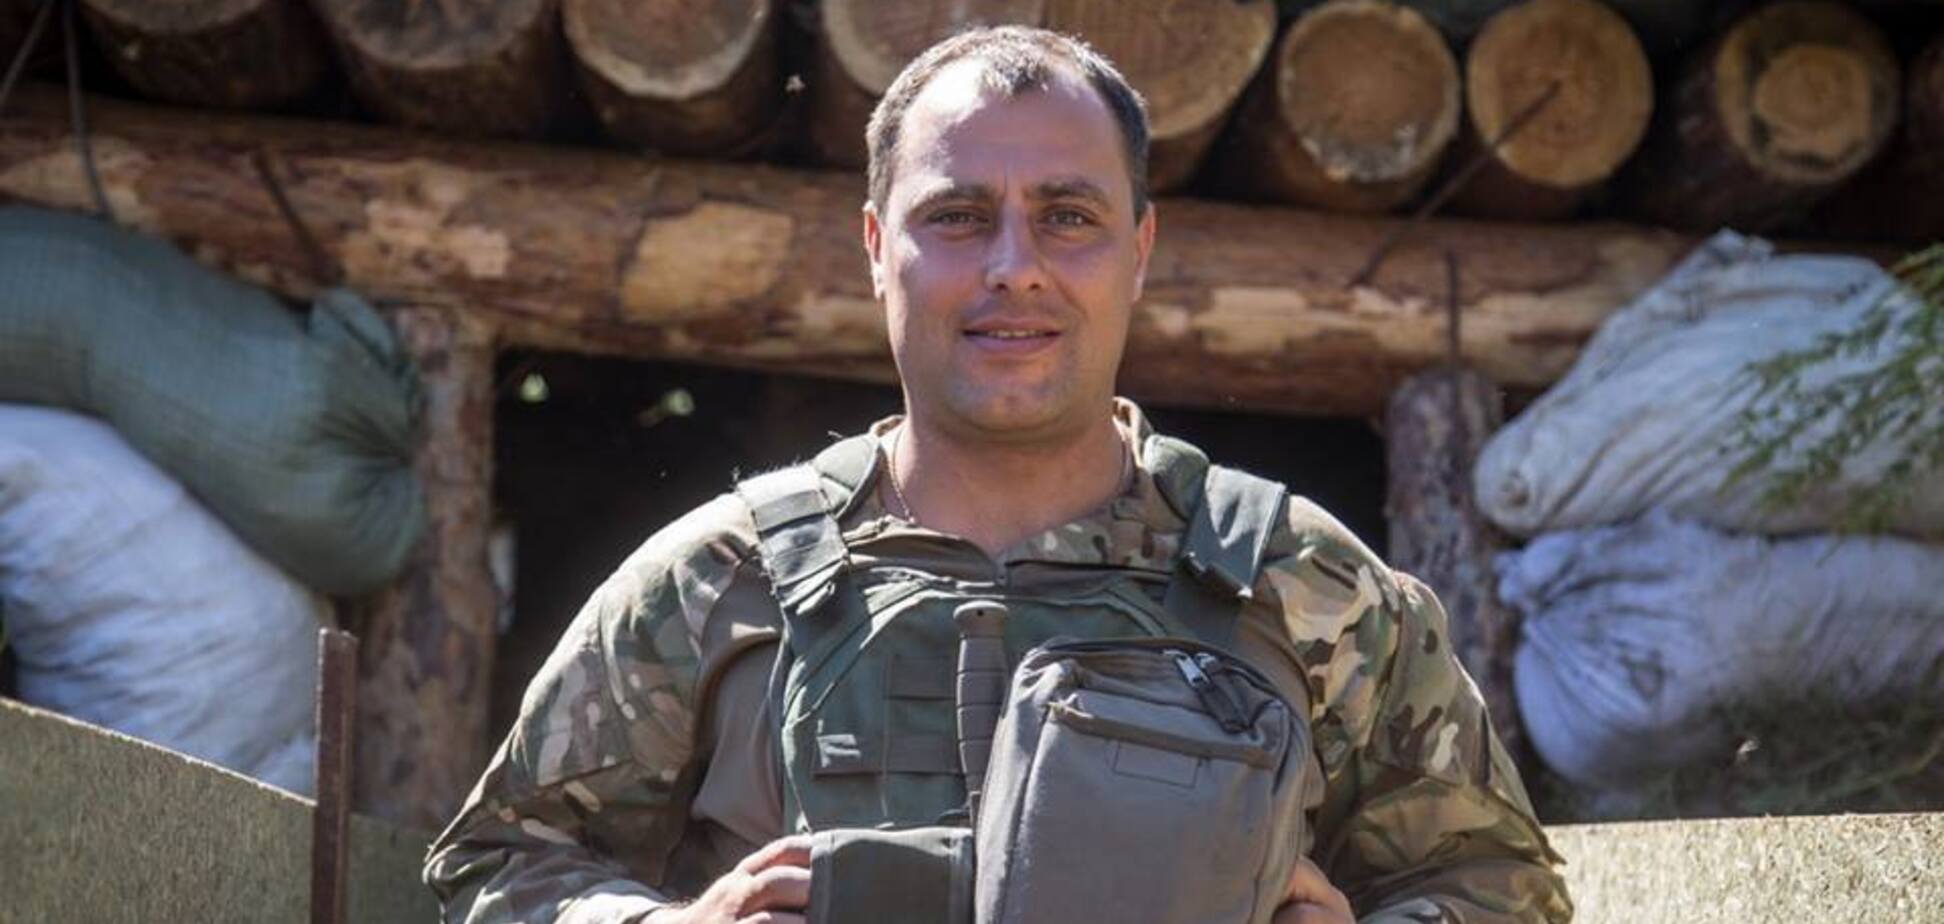 Скандальное видео начальника УГО с 'Моторолой': волонтер рассказал о его 'подвиге'